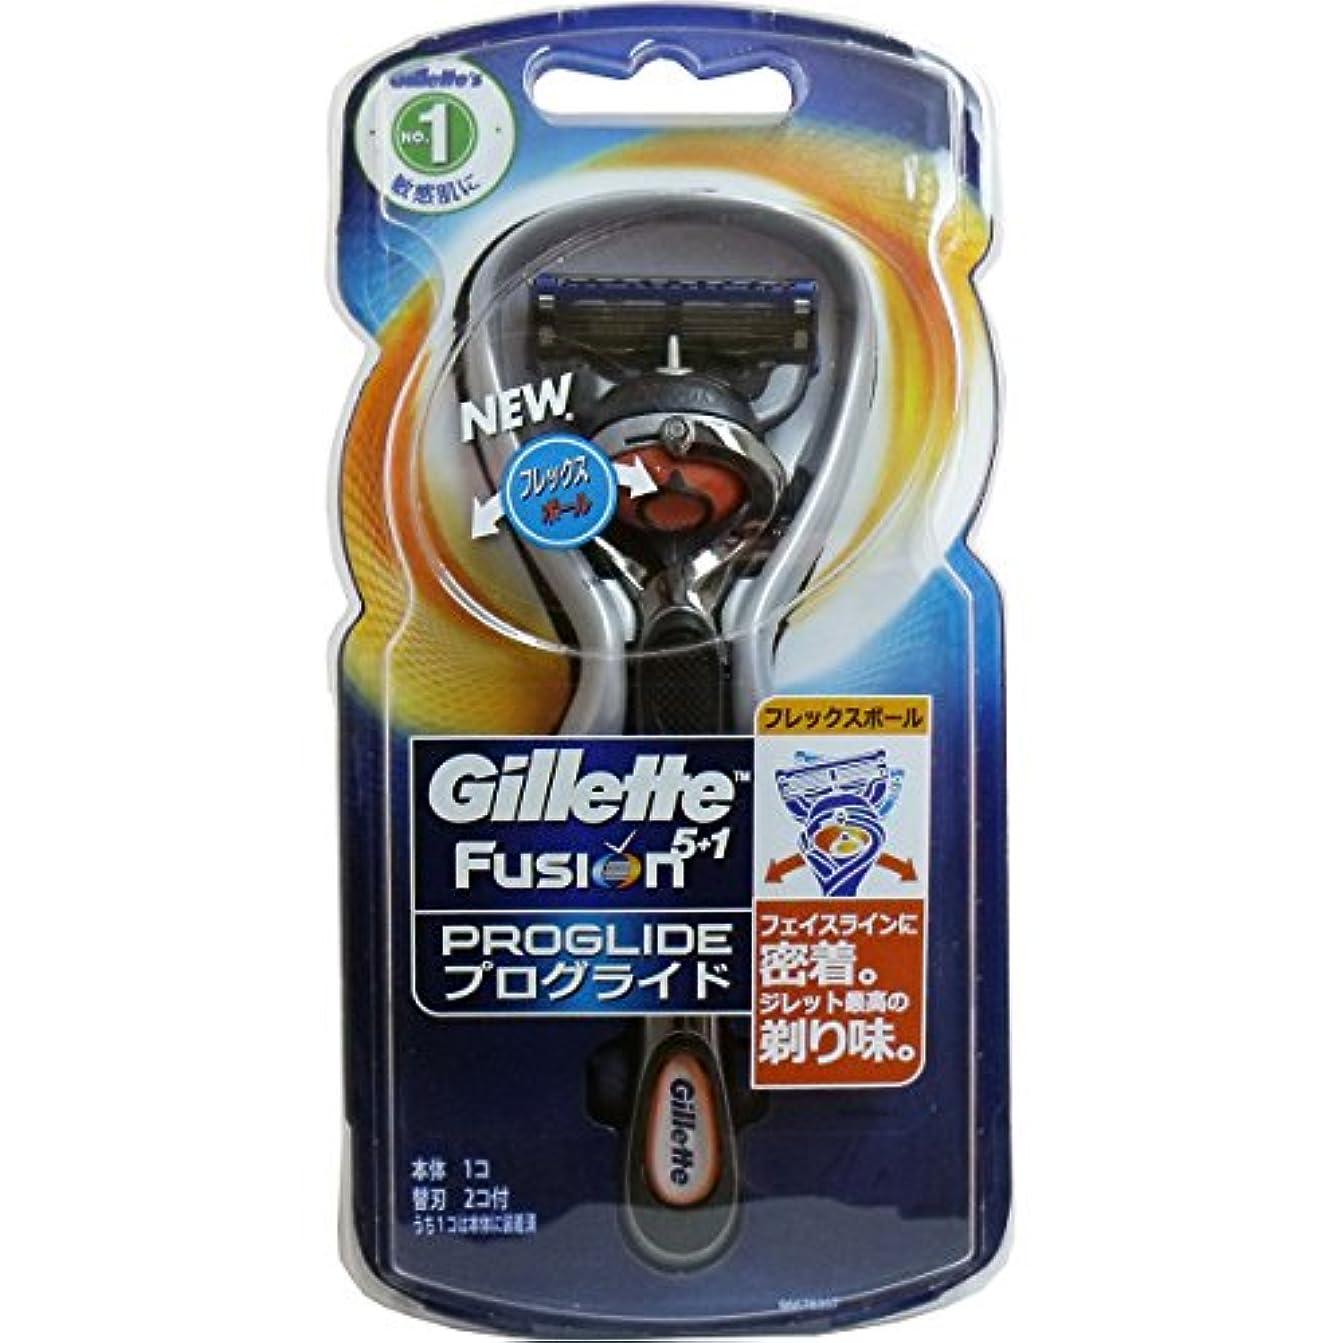 うまくやる()プーノ回路【P&G】ジレット プログライド フレックスボール マニュアル ホルダー 替刃2個付 ×10個セット